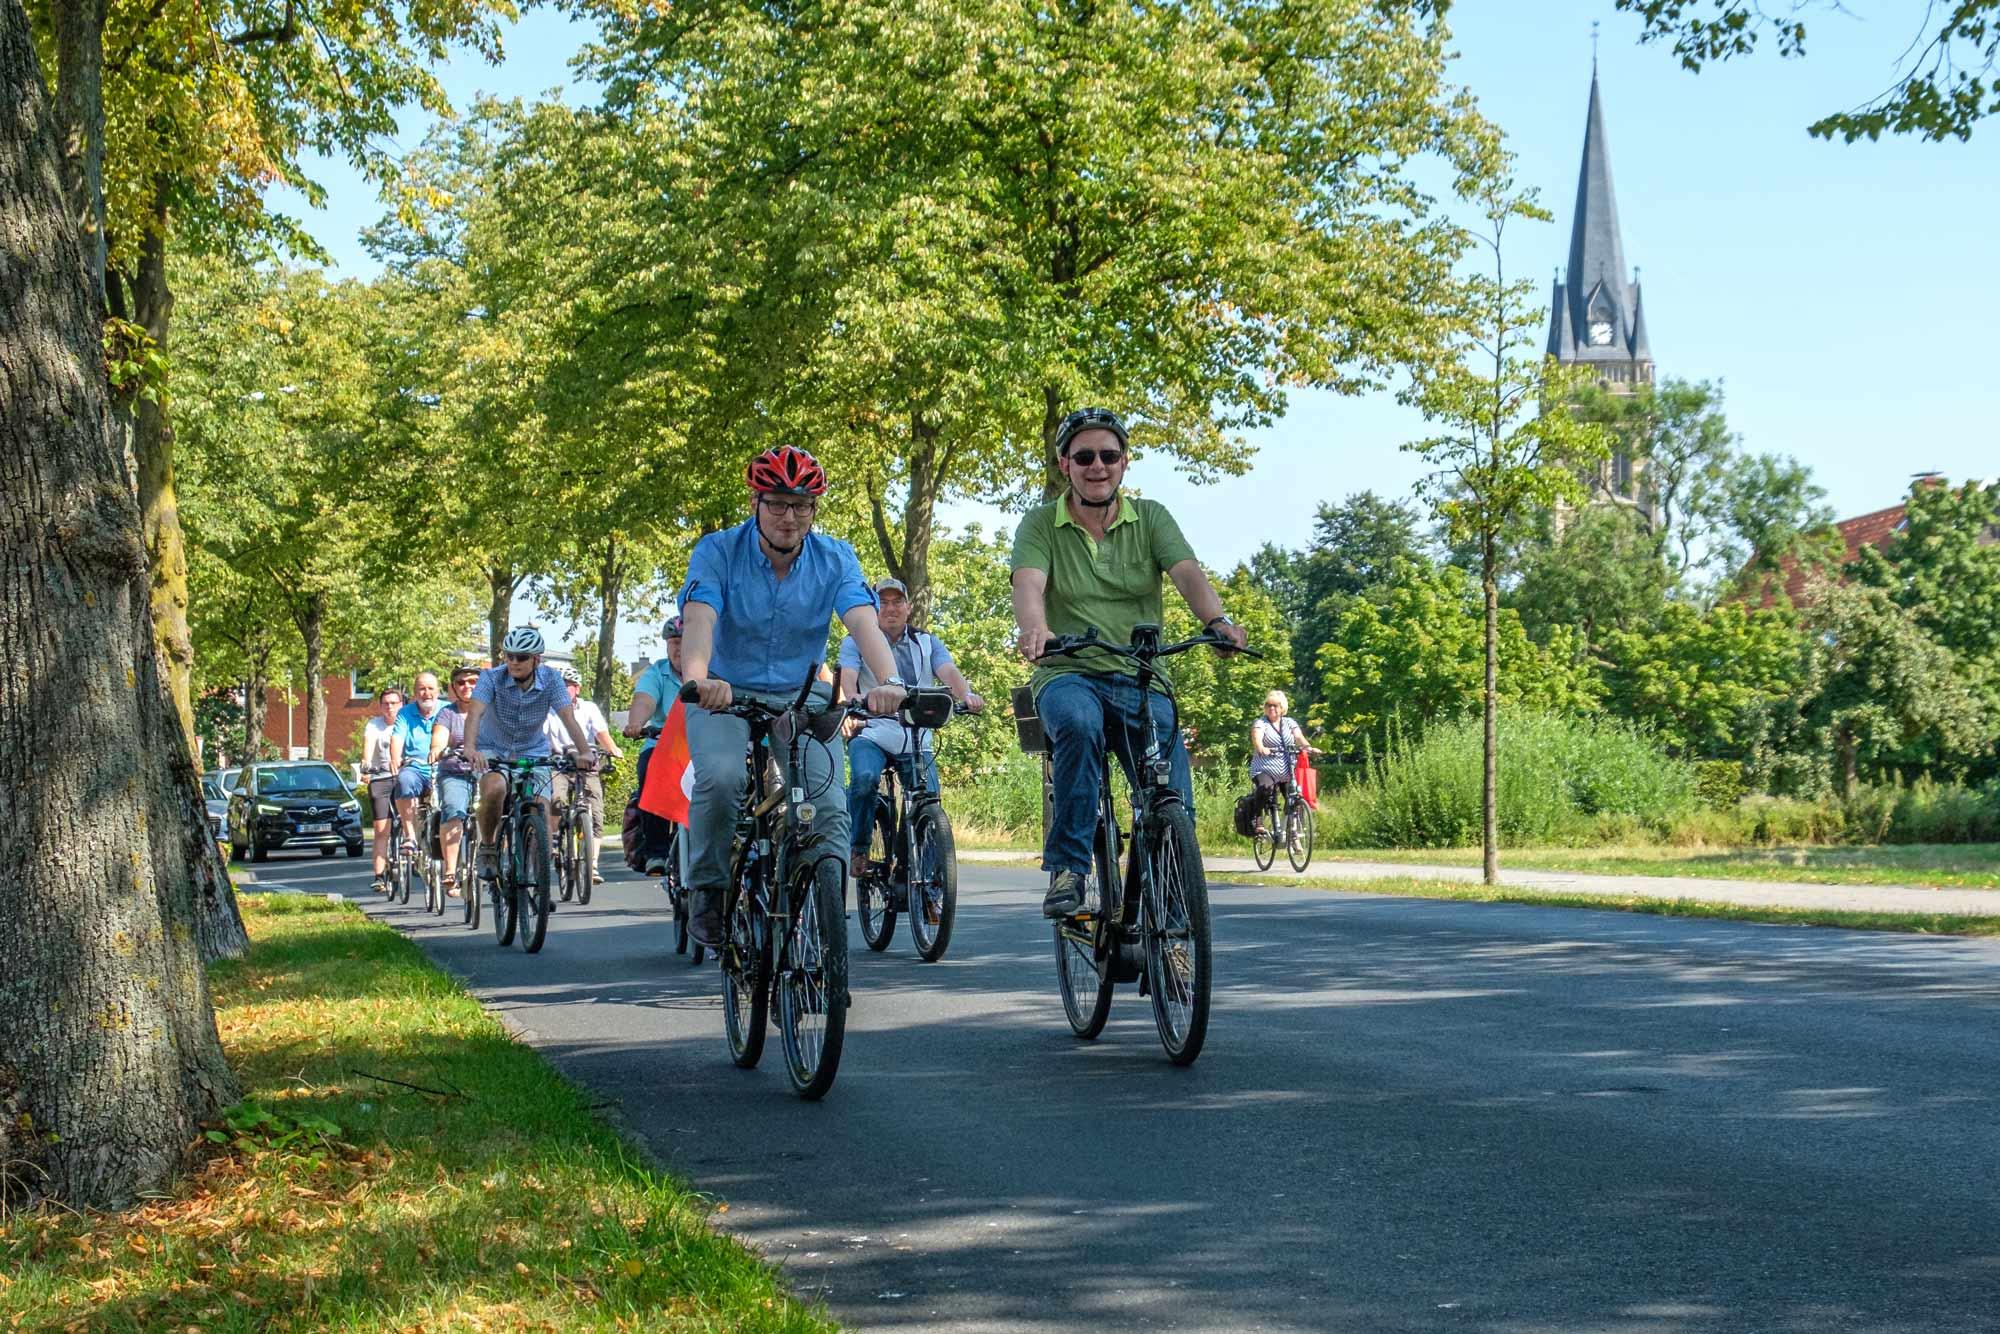 Fahrrad fahren in Ascheberg